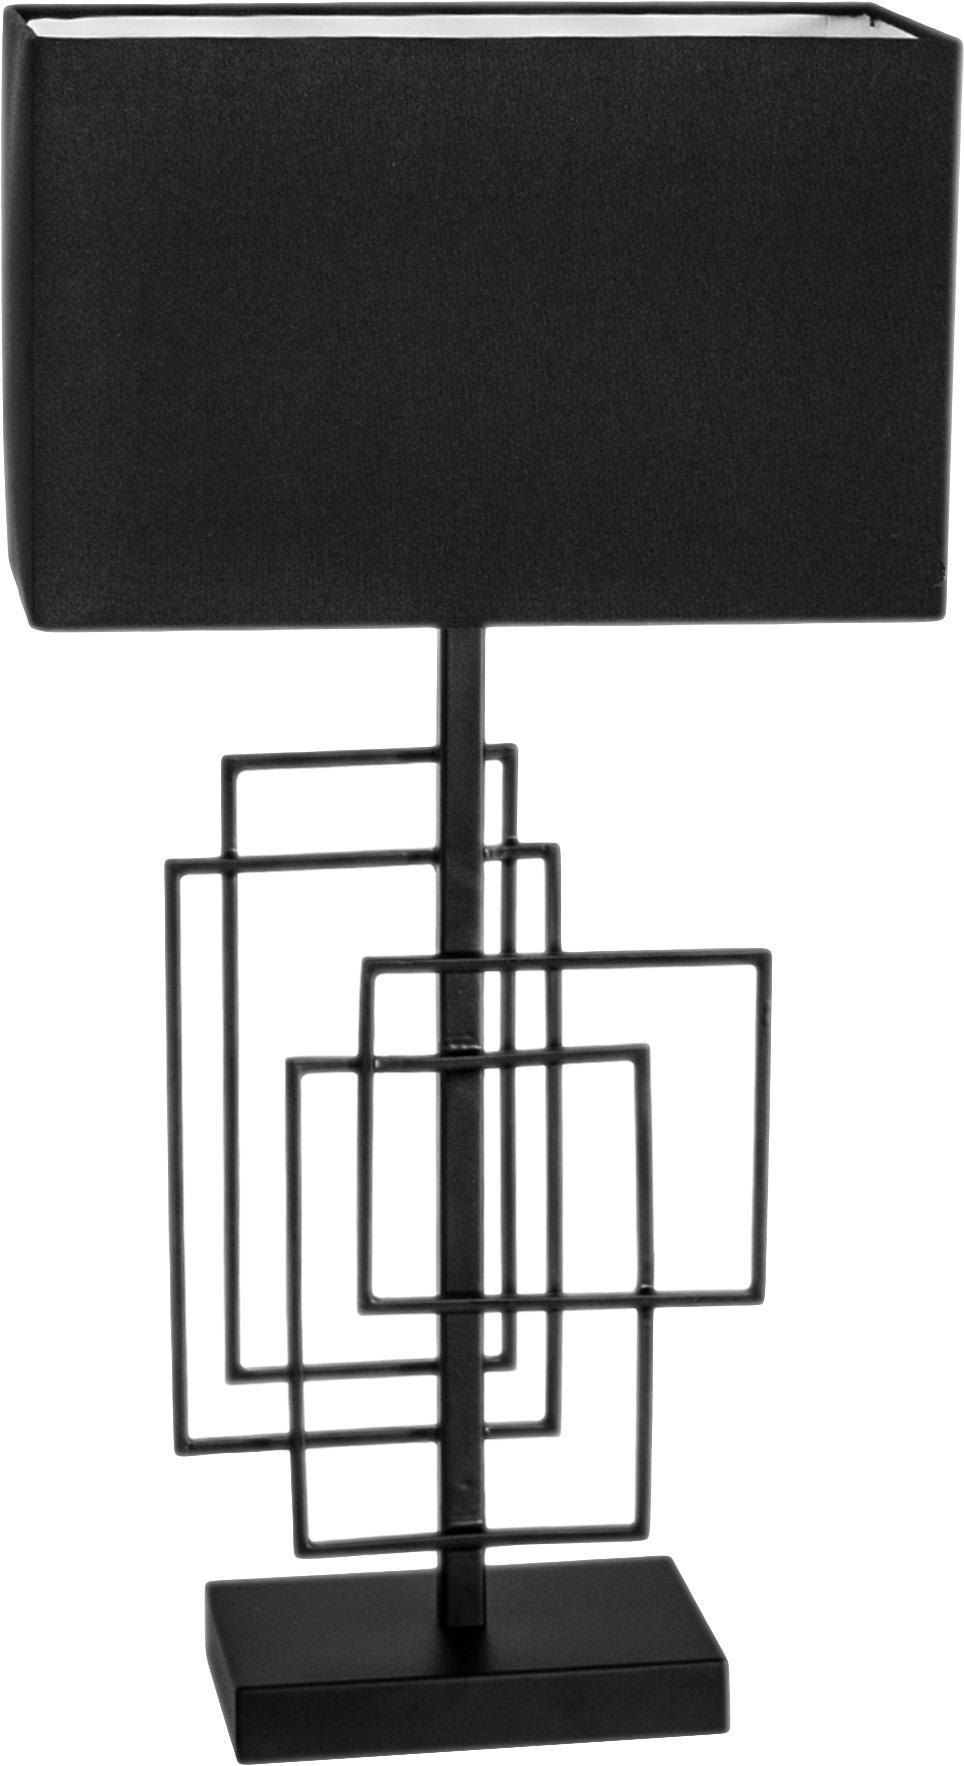 Große Tischlampe Paragon aus Leinen, Gestell: Metall, pulverbeschichtet, Lampenschirm: Leinen, Schwarz, 27 x 52 cm